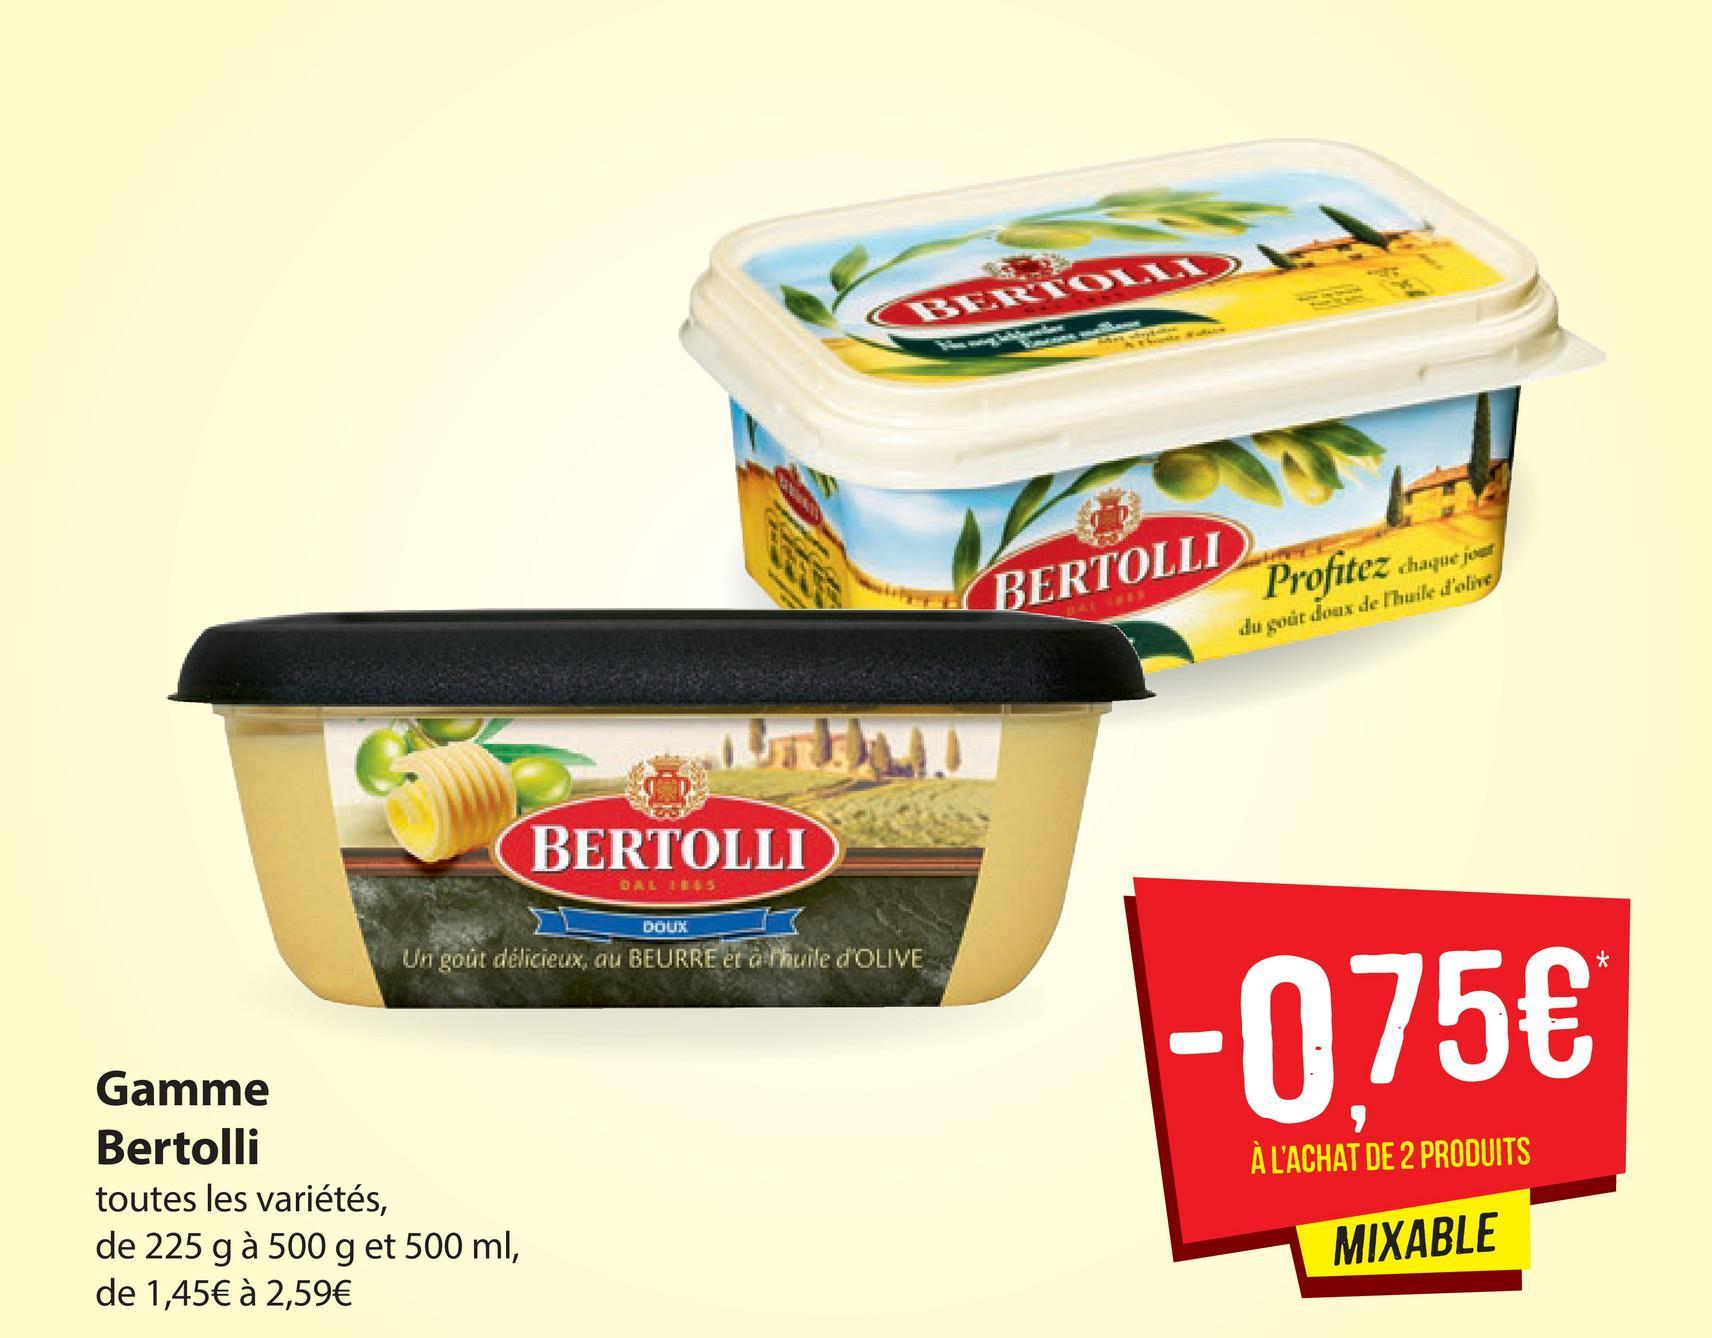 BERTON GERTOLI Prophet BERTOLLI Profitez chaque jour du gout doux de Thuile d'olive BERTOLLI DALLE DOUX Un goût délicieux, au BEURRE et alihuile dOLIVE - 075€ À L'ACHAT DE 2 PRODUITS Gamme Bertolli toutes les variétés, de 225 g à 500 g et 500 ml, de 1,45€ à 2,59€ MIXABLE